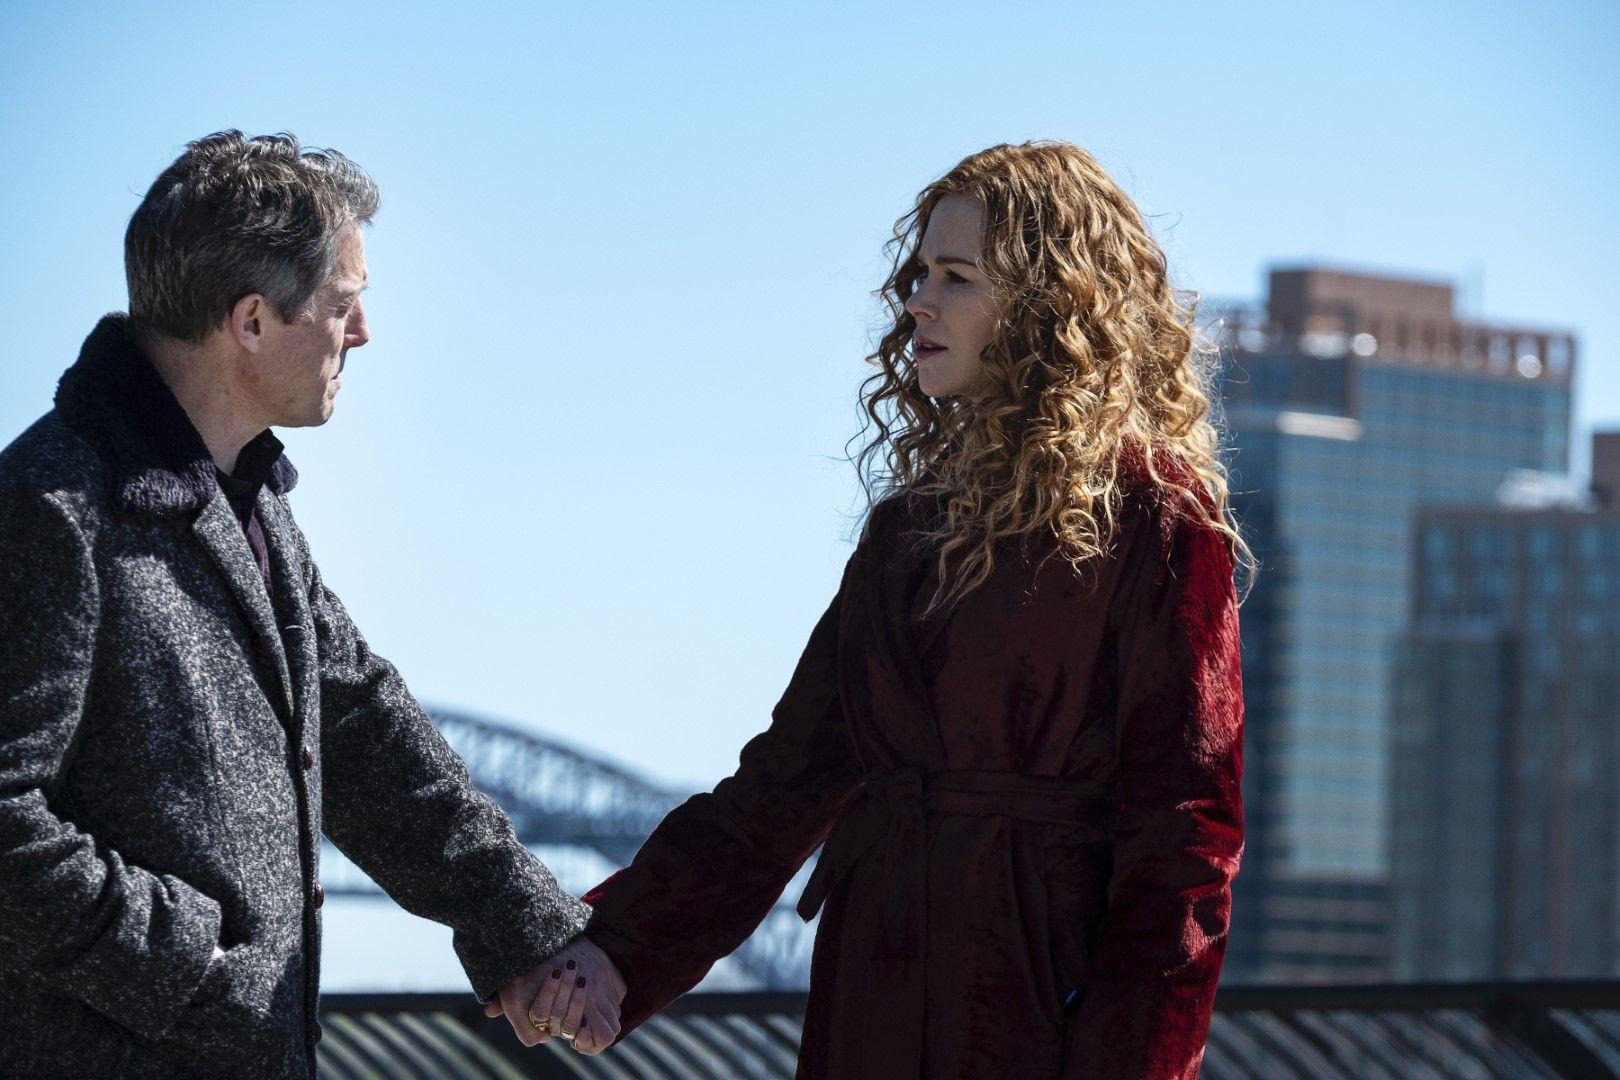 """Грейс (Никол Кидман) и Джонатан (Хю Грант) в минисериала """"Отмяната"""" на HBO (Снимка: HBO)"""